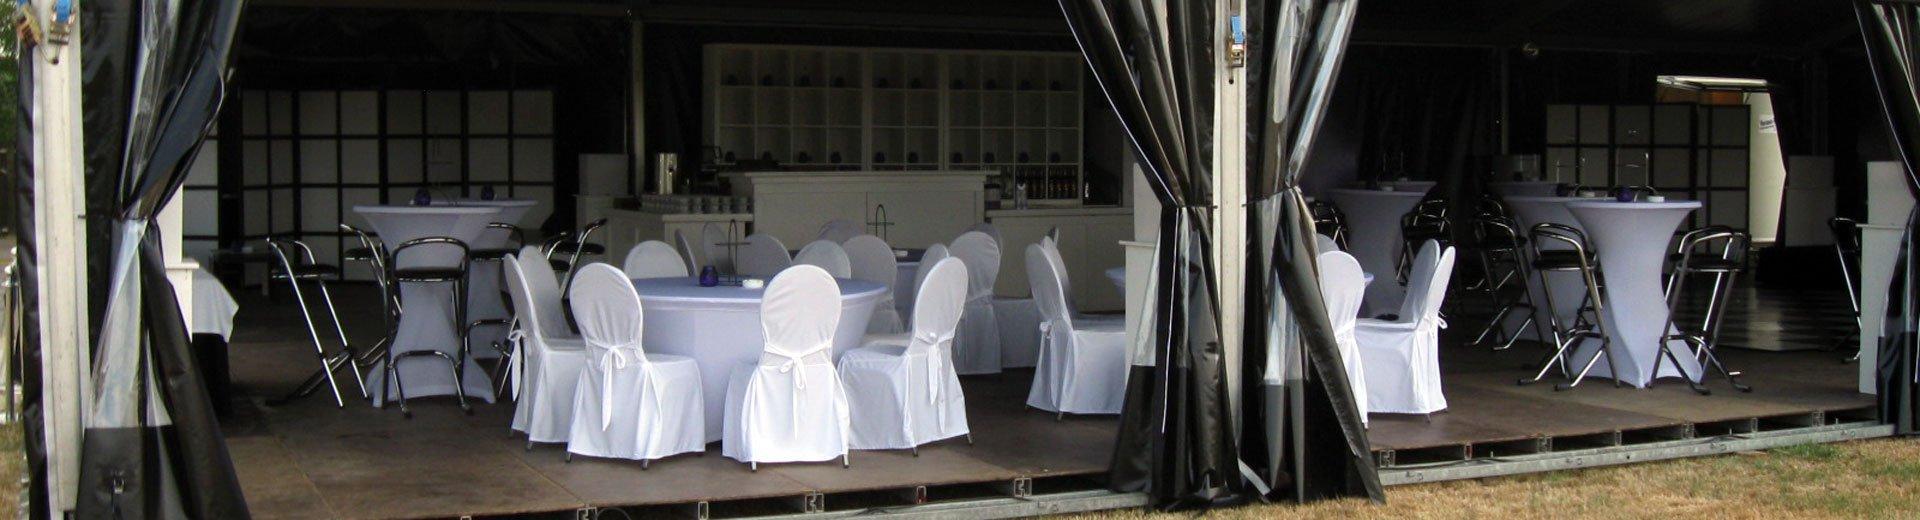 Van Vugt Event Products